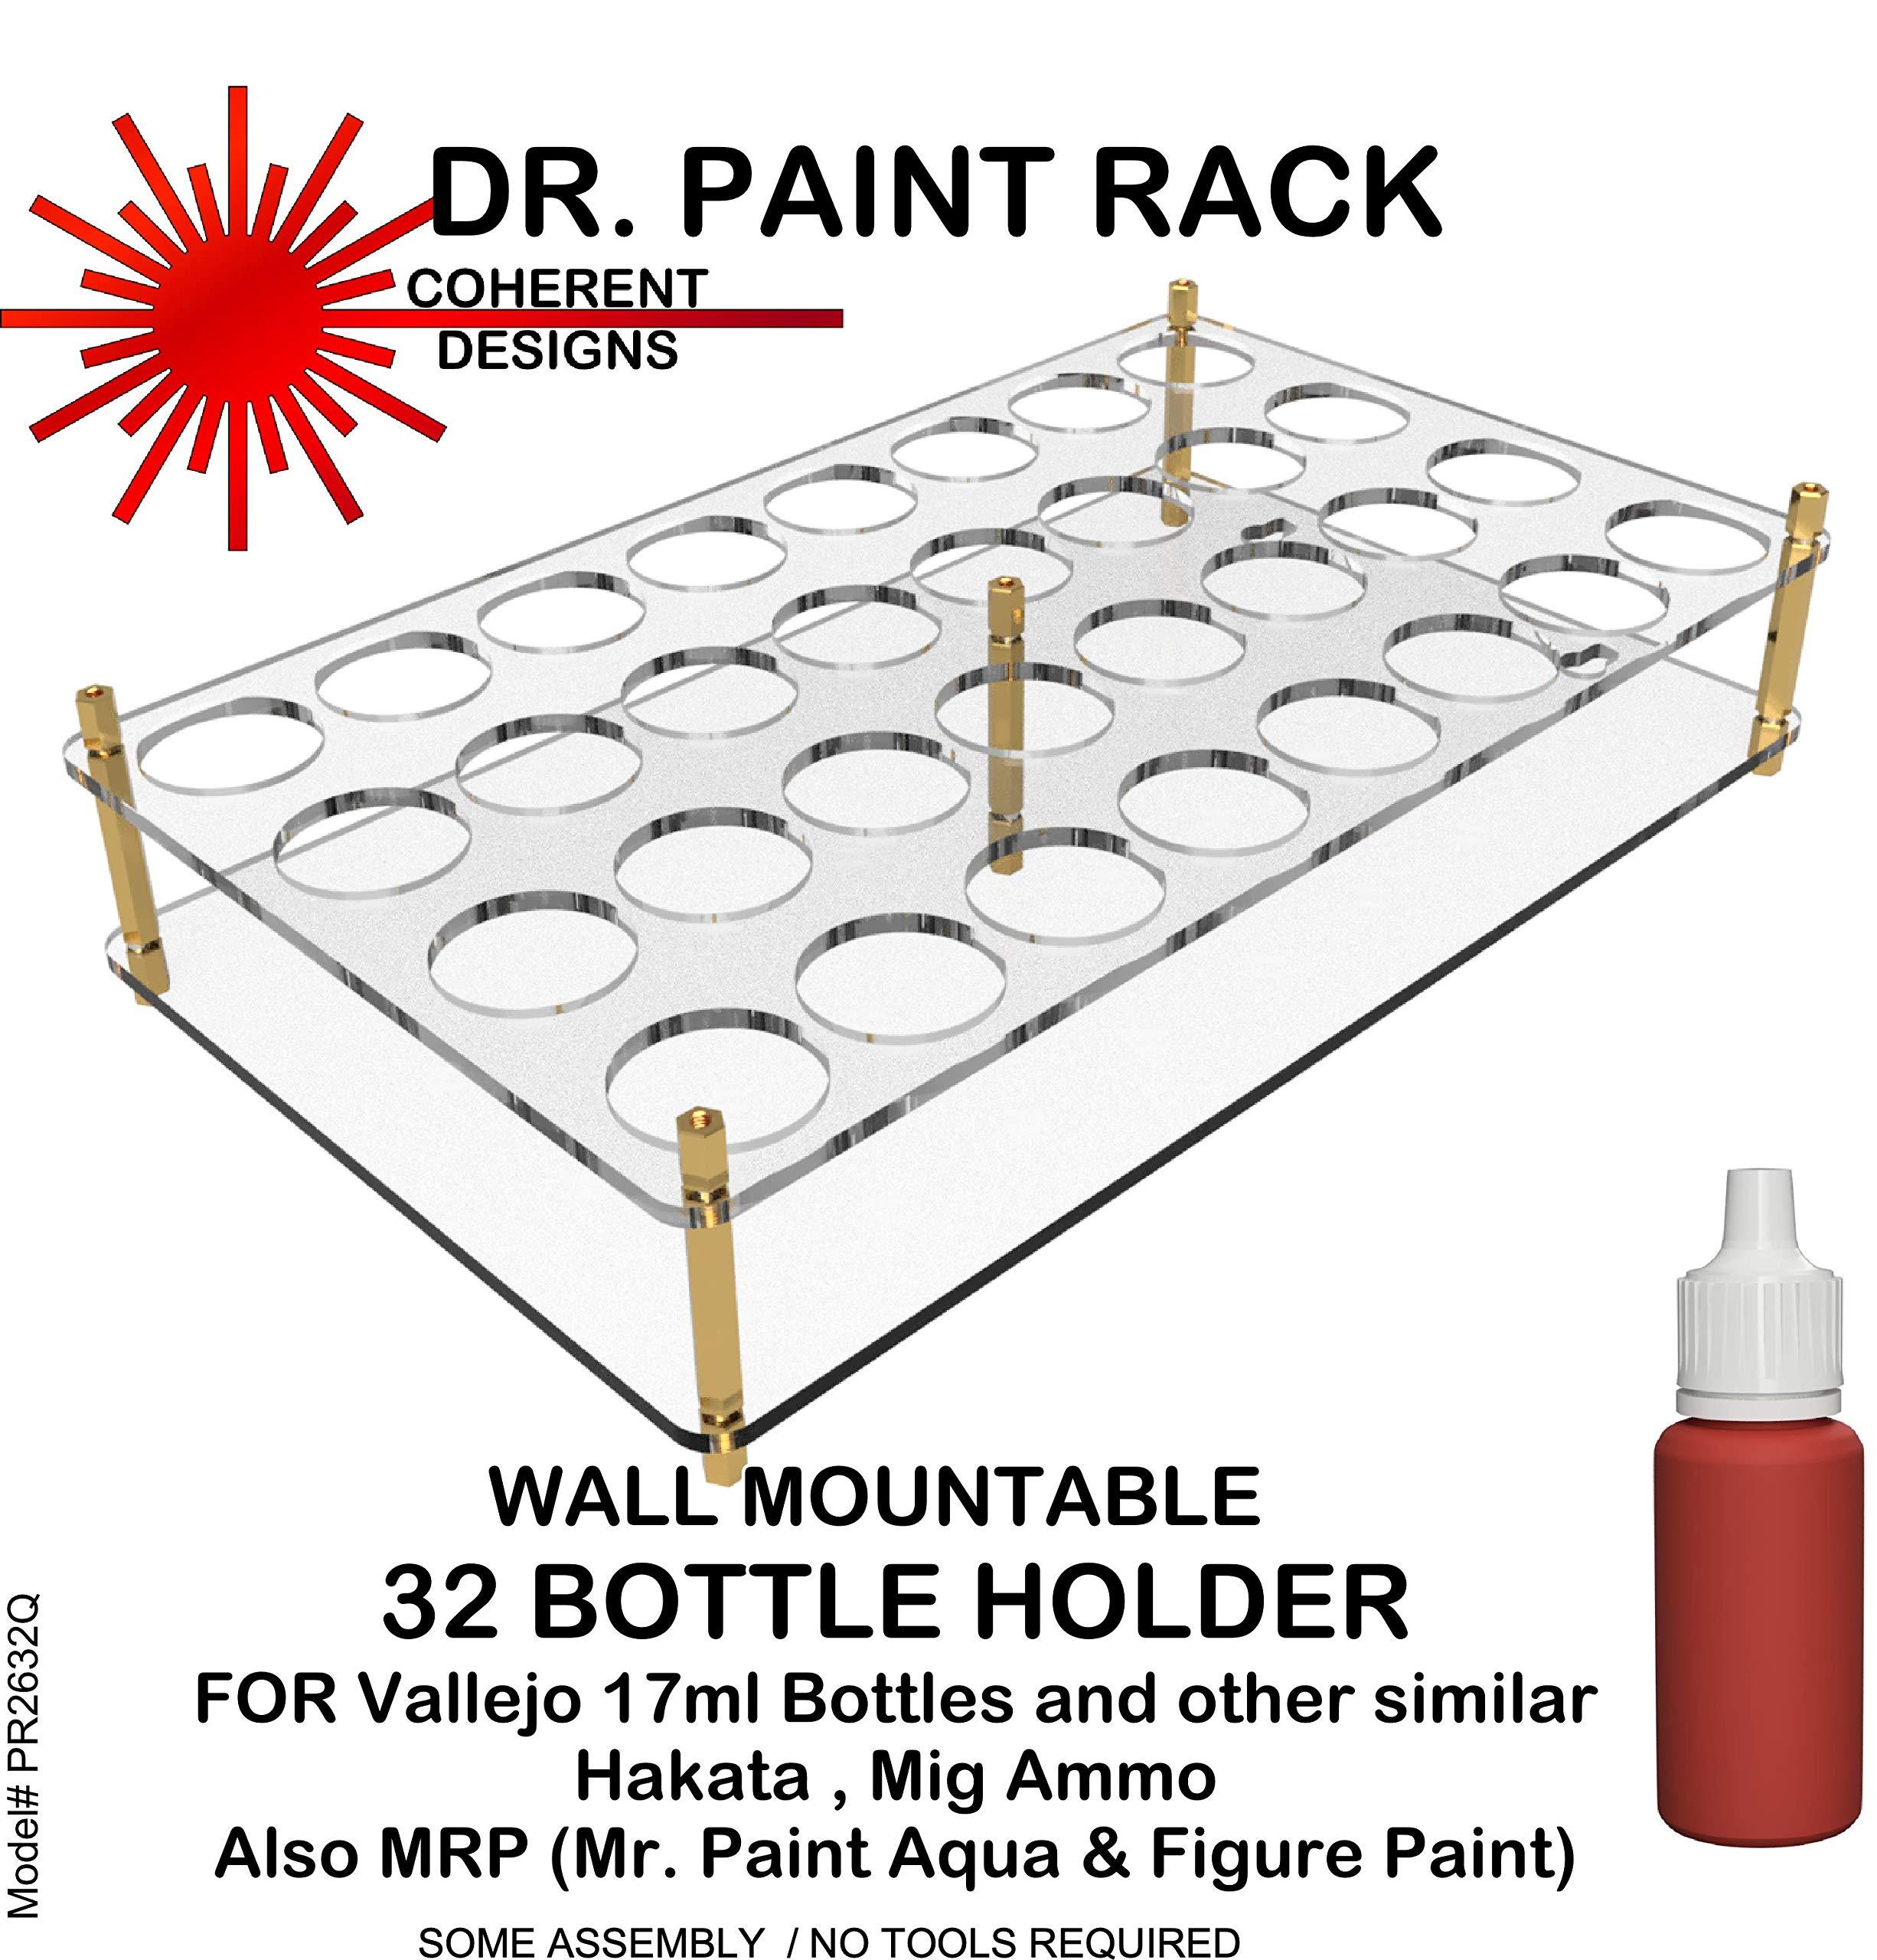 COHPR2632Q Dr Paint Rack - Wall Mountable 32 Bottle Holder (for Vallejo/Hataka/Ammo 17ml Type Bottles)